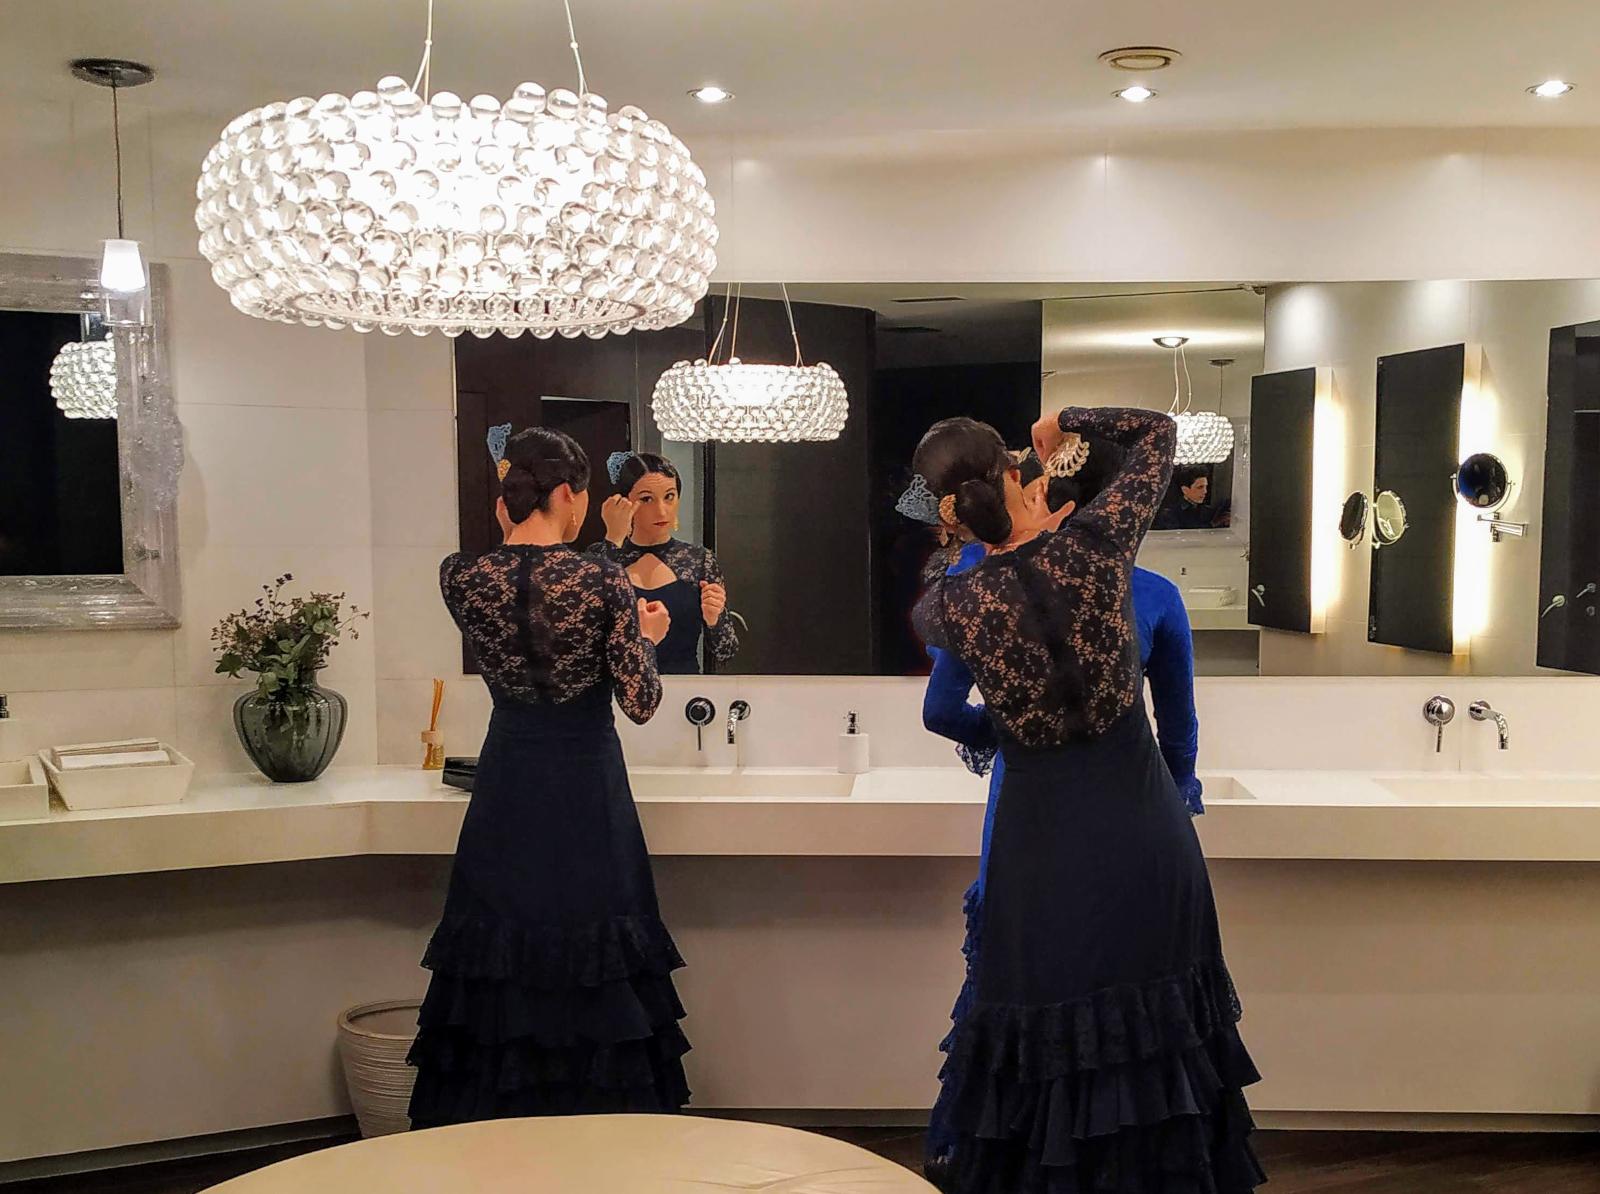 Invitados en fiesta corporativa de gala en España se inmersan en la cultura local